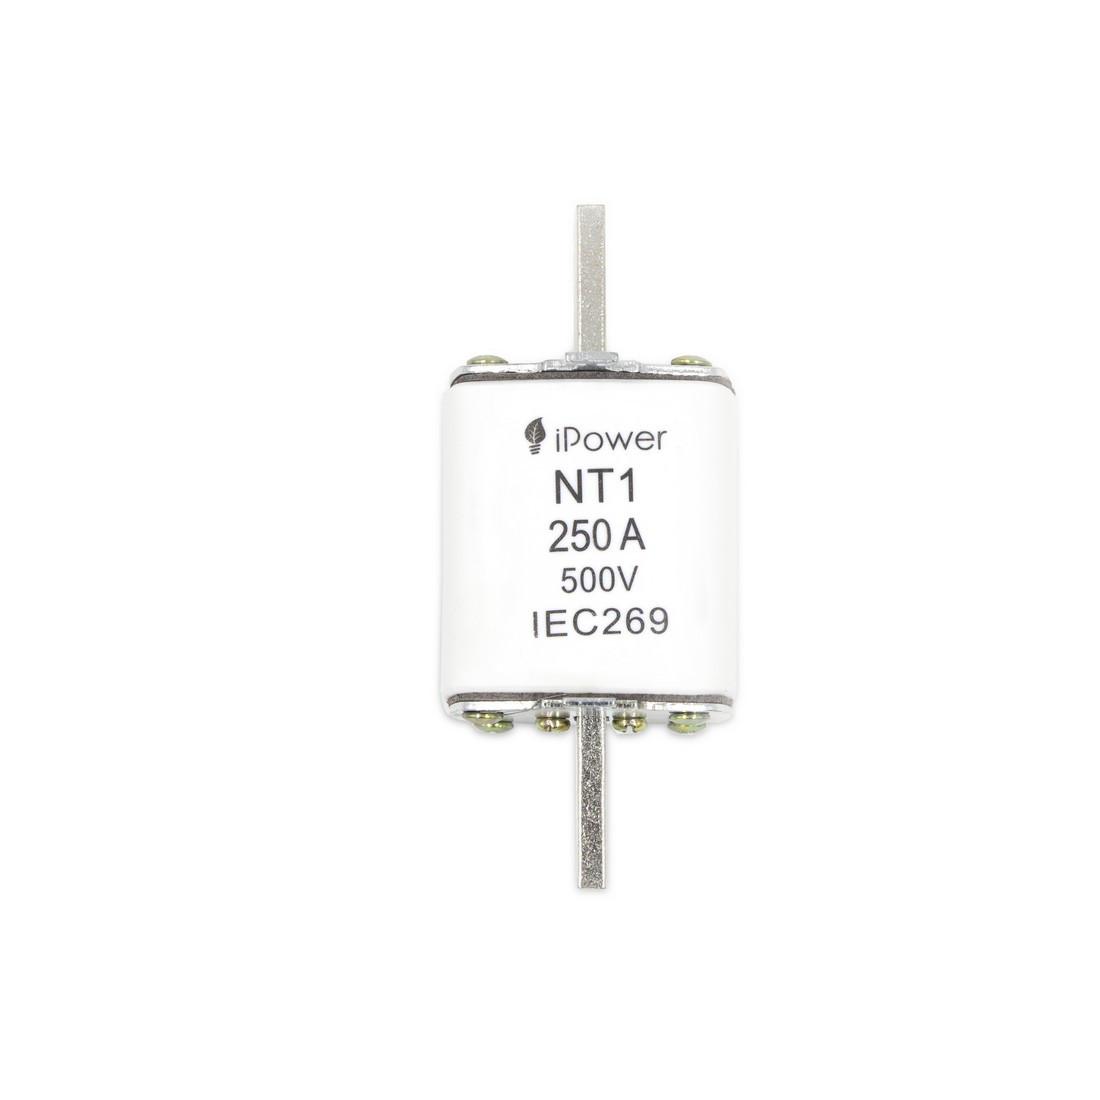 Предохранитель плавкий iPower NT1 250A